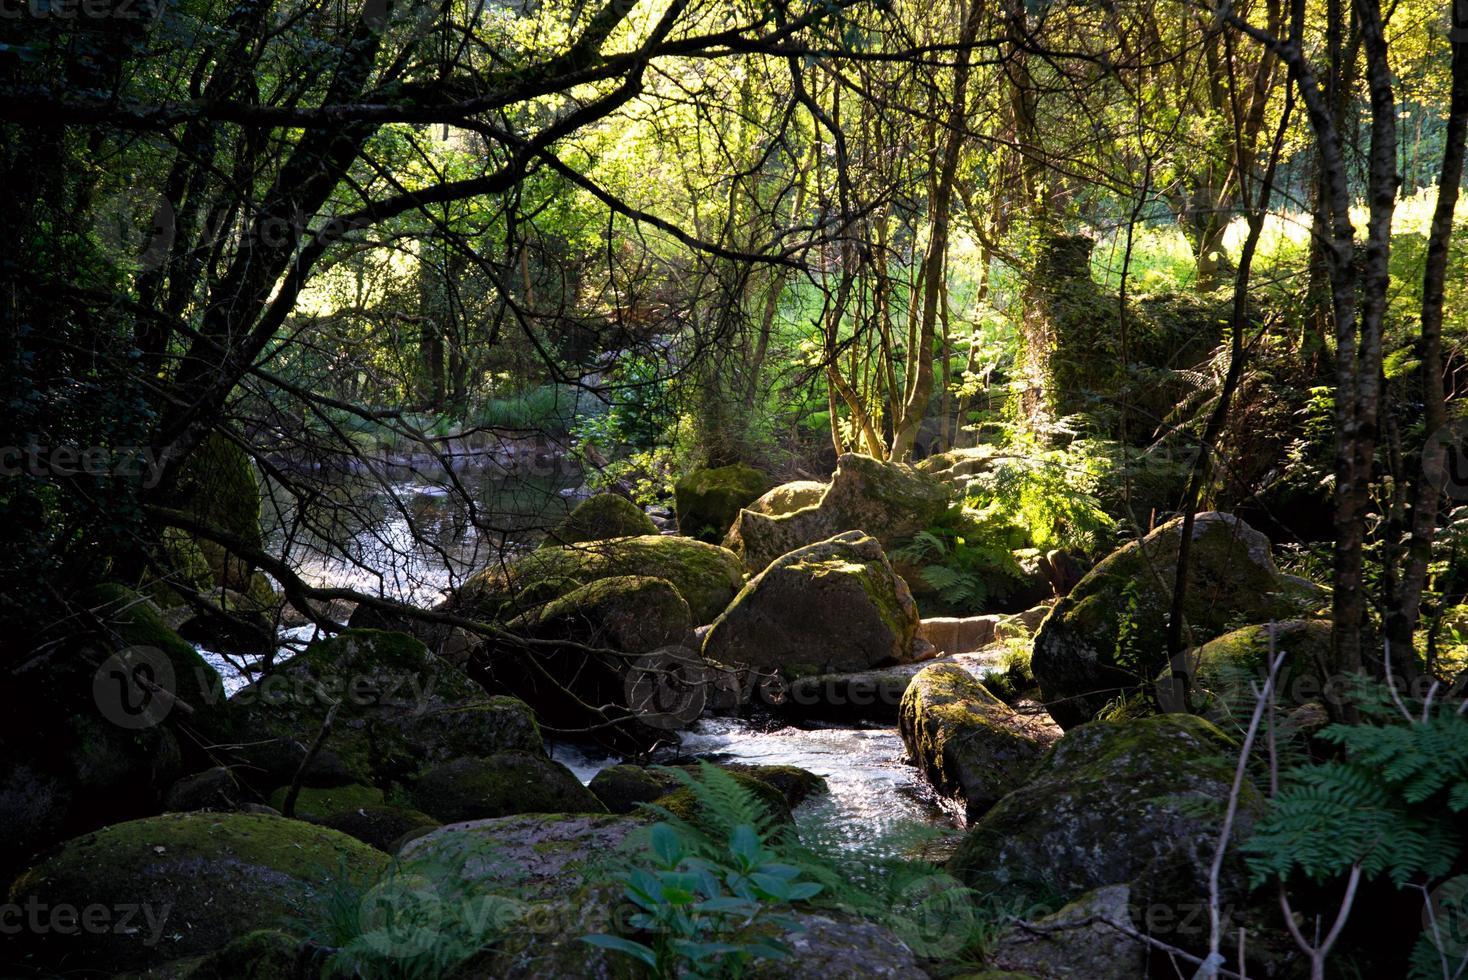 paisagem florestal com pedras cobertas de musgo e árvores foto